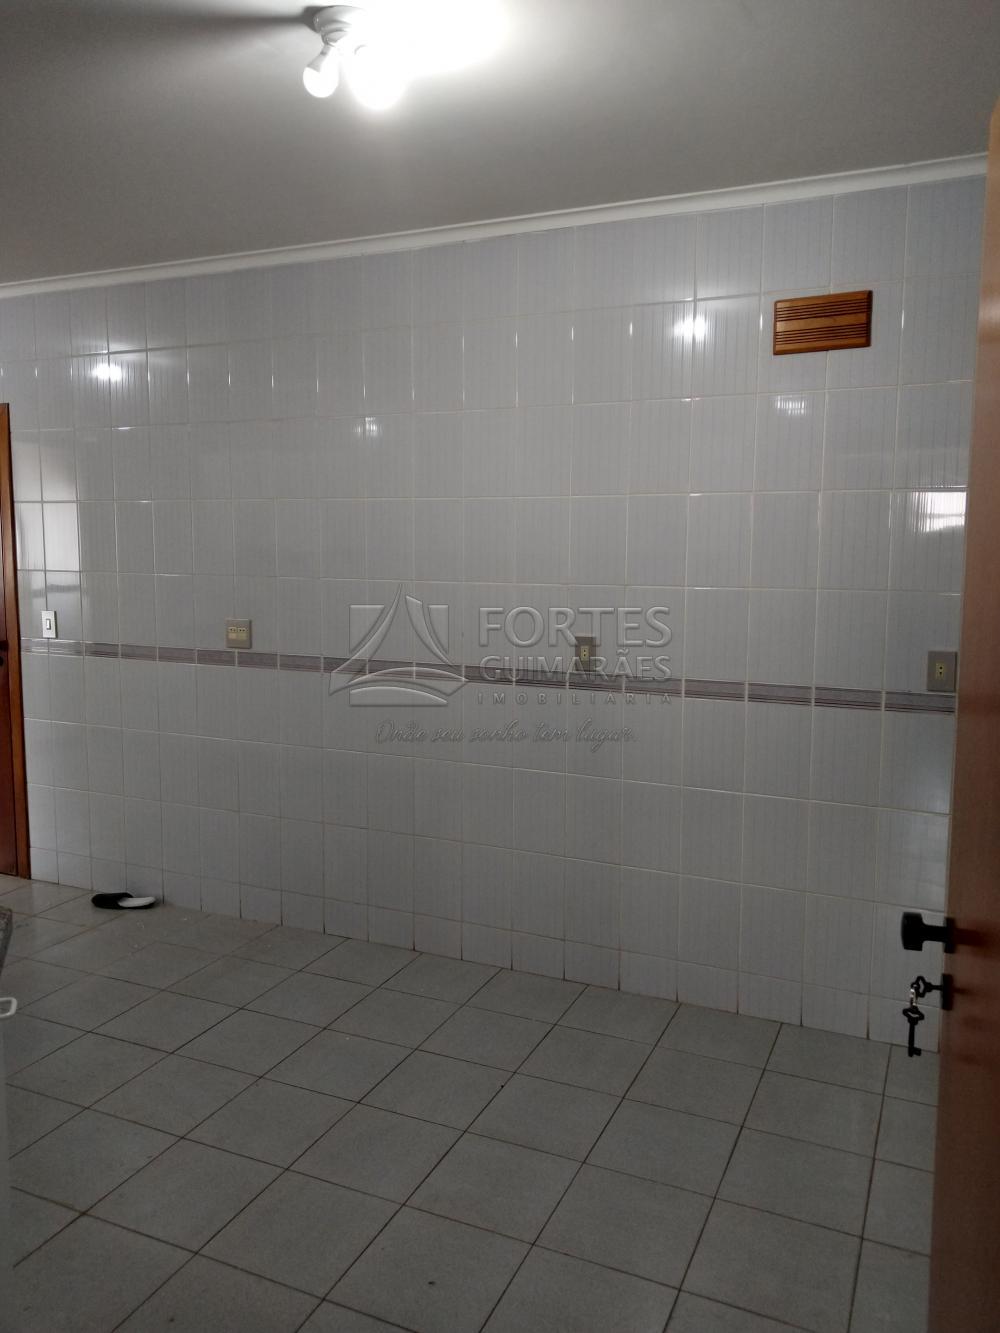 Alugar Apartamentos / Padrão em Ribeirão Preto apenas R$ 1.700,00 - Foto 45